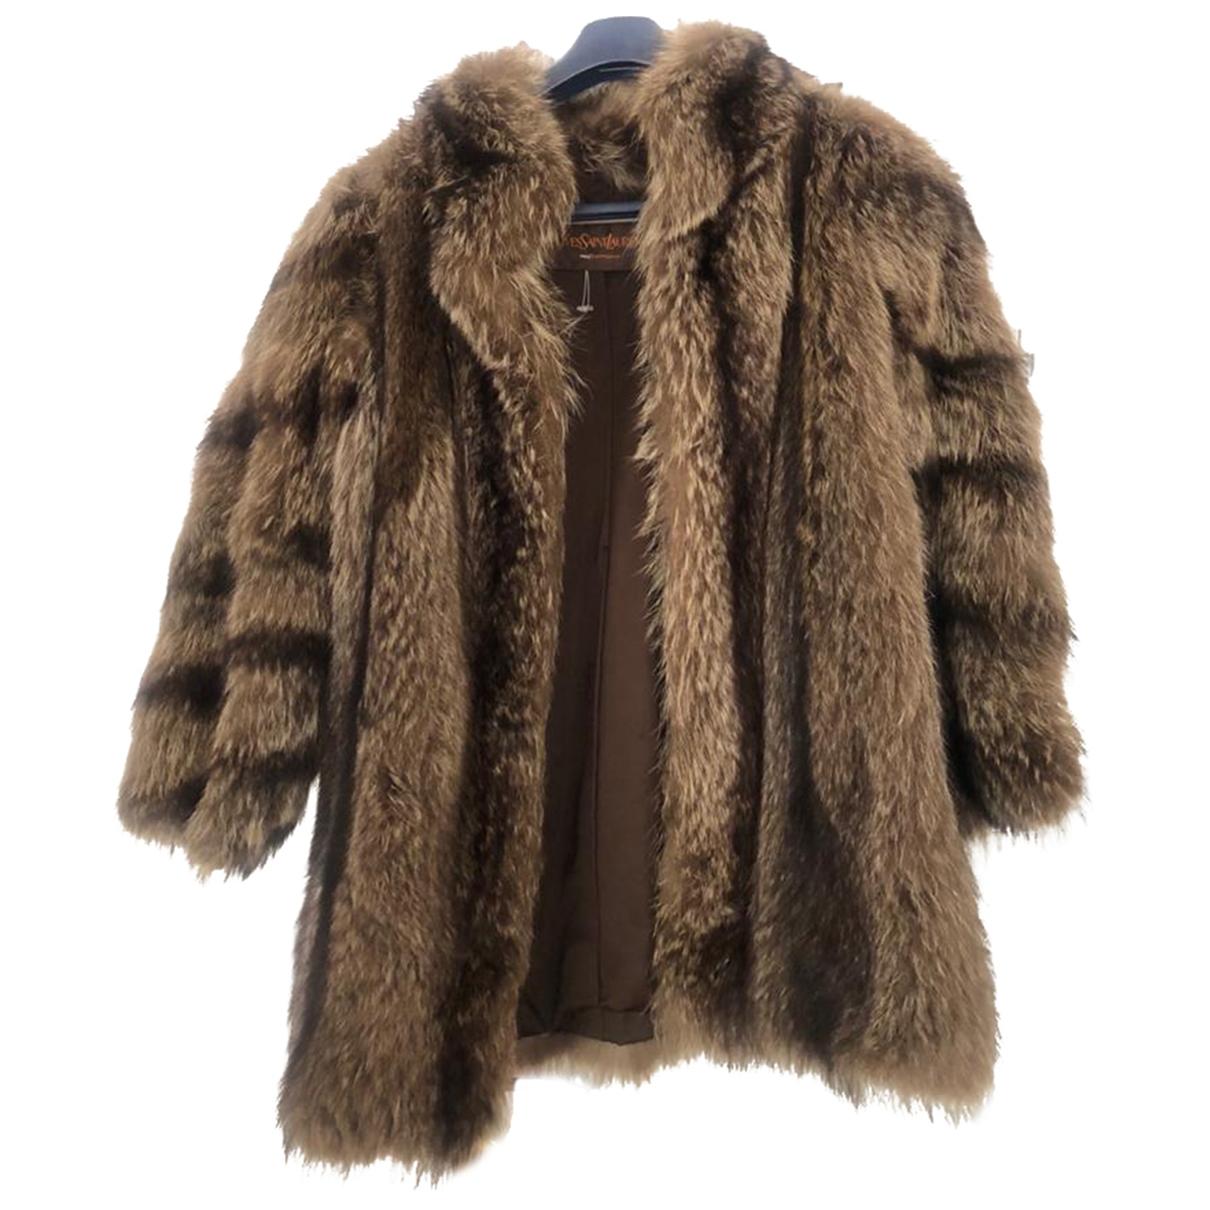 Yves Saint Laurent - Manteau   pour femme en fourrure - marron